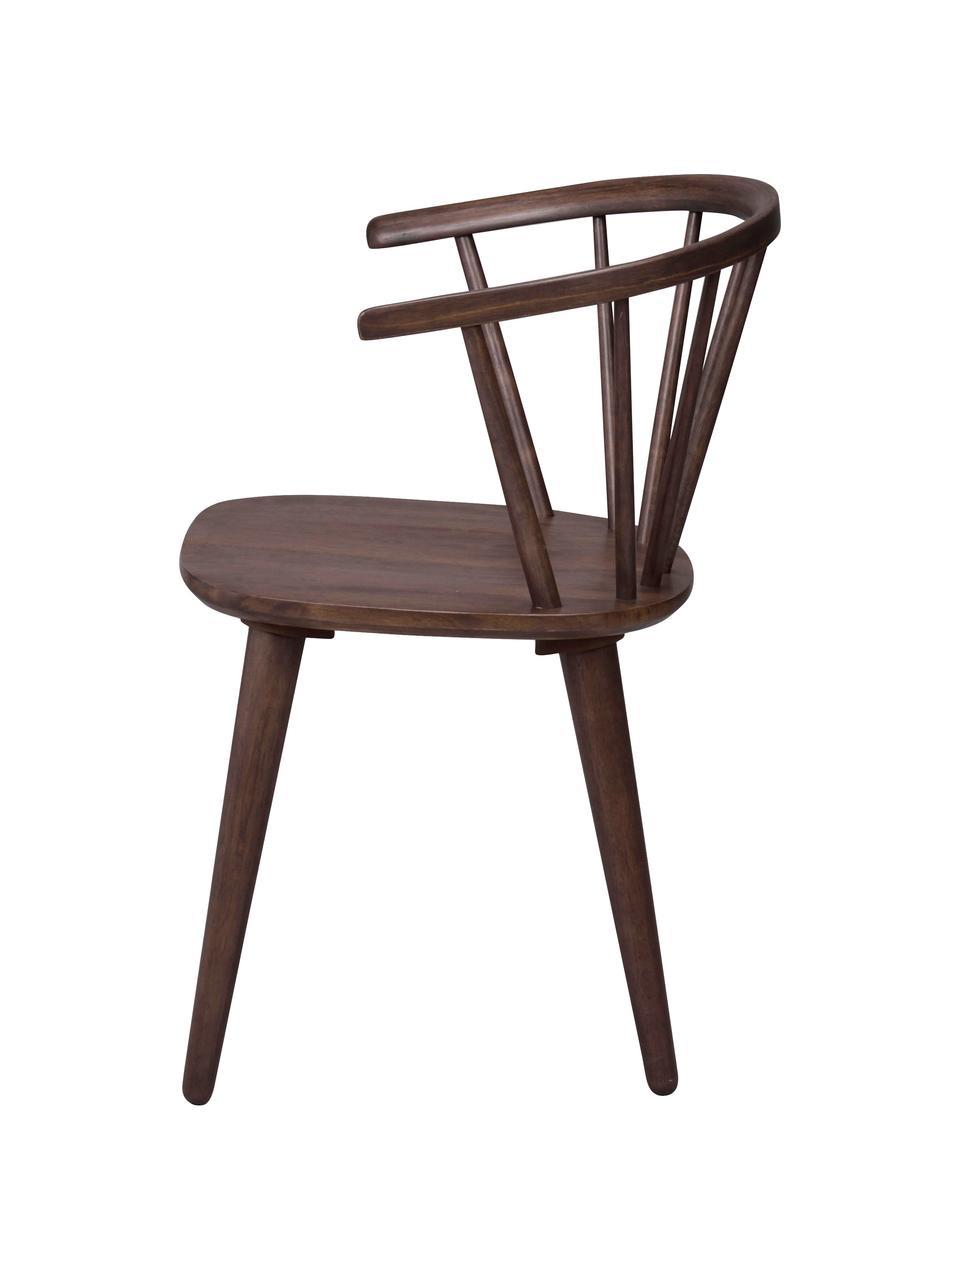 Krzesło z podłokietnikami z drewna  Windsor Carmen, 2 szt., Drewno kauczukowe, barwione, lakierowane, Ciemny brązowy, S 54 x G 52 cm